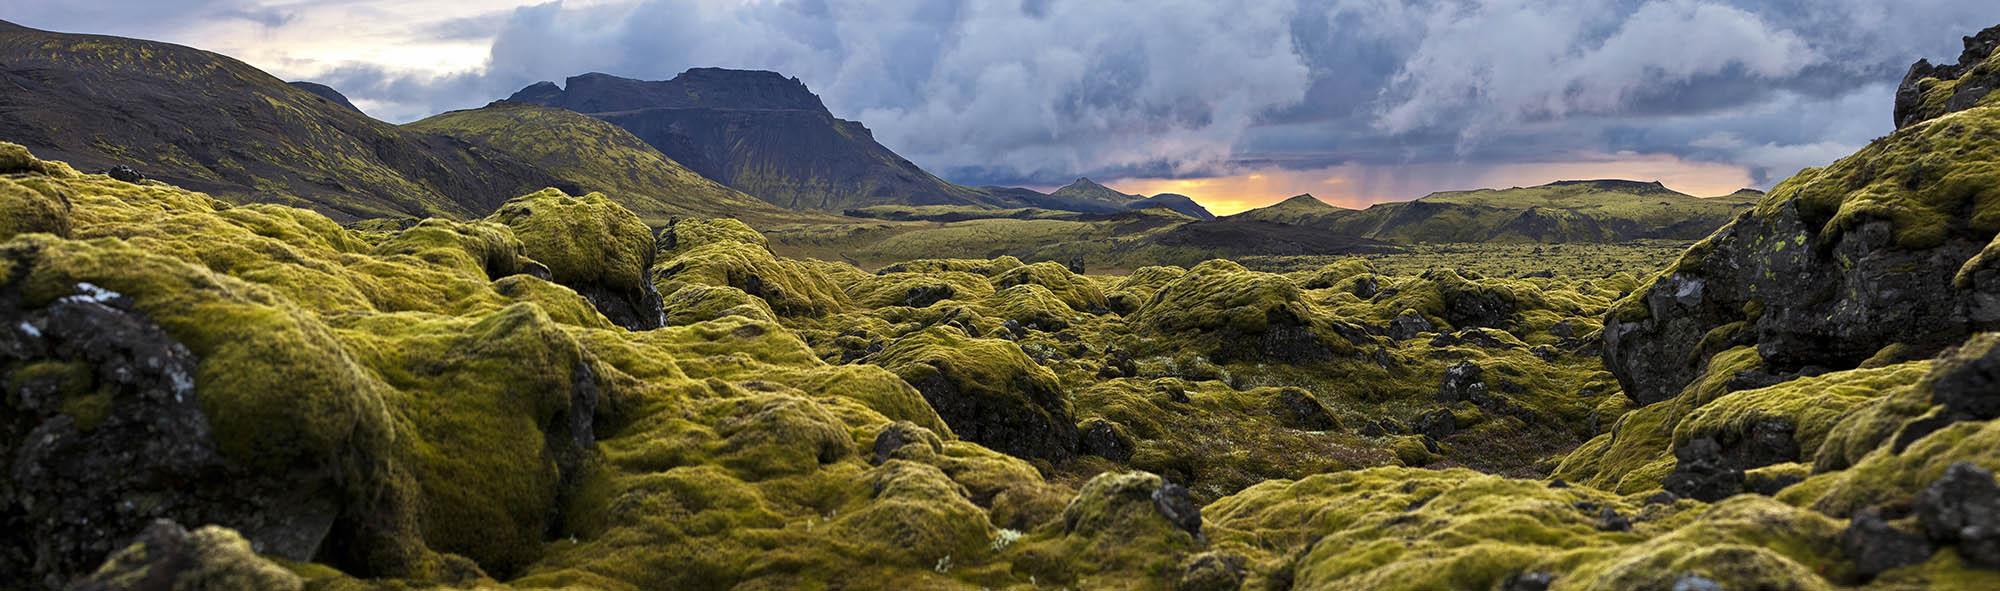 Там, де здавалося, не може рости нічого, ростуть мохи. Різних форм і кольорів, вони якось примудряються виживати навіть на лавових полях. Навесні, коли мохи цвітуть і оживають, в Ісландії заборонено сходити з доріжок, щоб не пошкодити мох